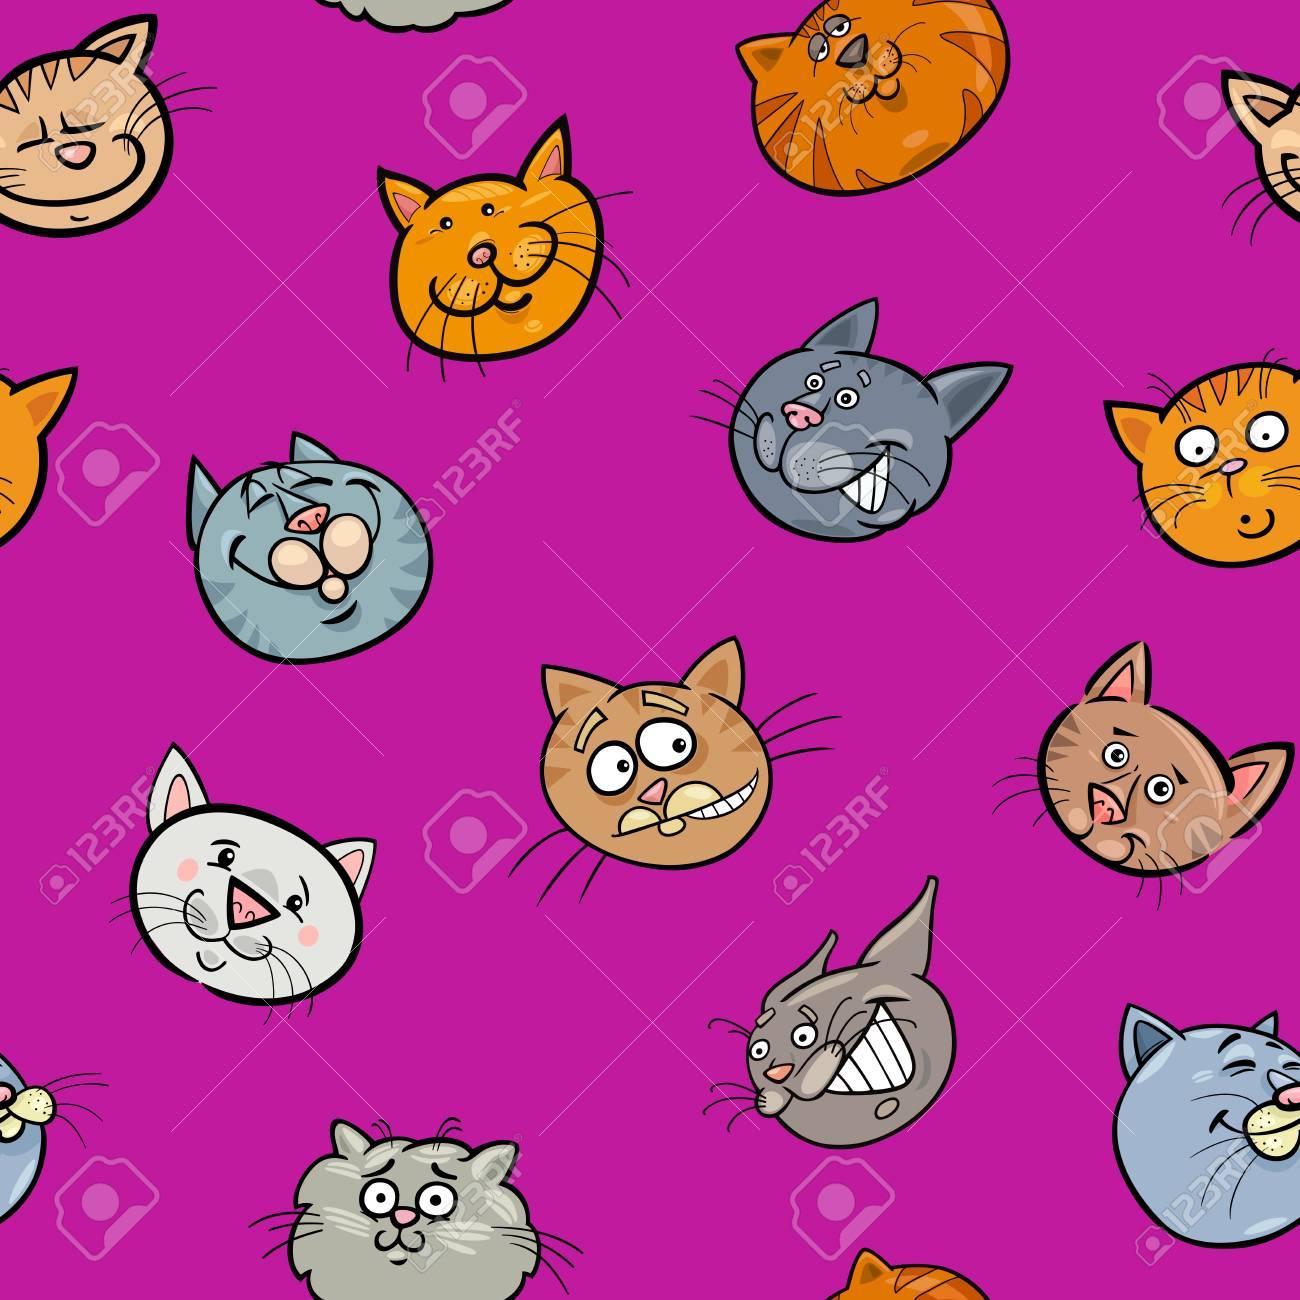 漫画イラストの猫のキャラクターの壁紙や包装紙のデザインのイラスト素材 ベクタ Image